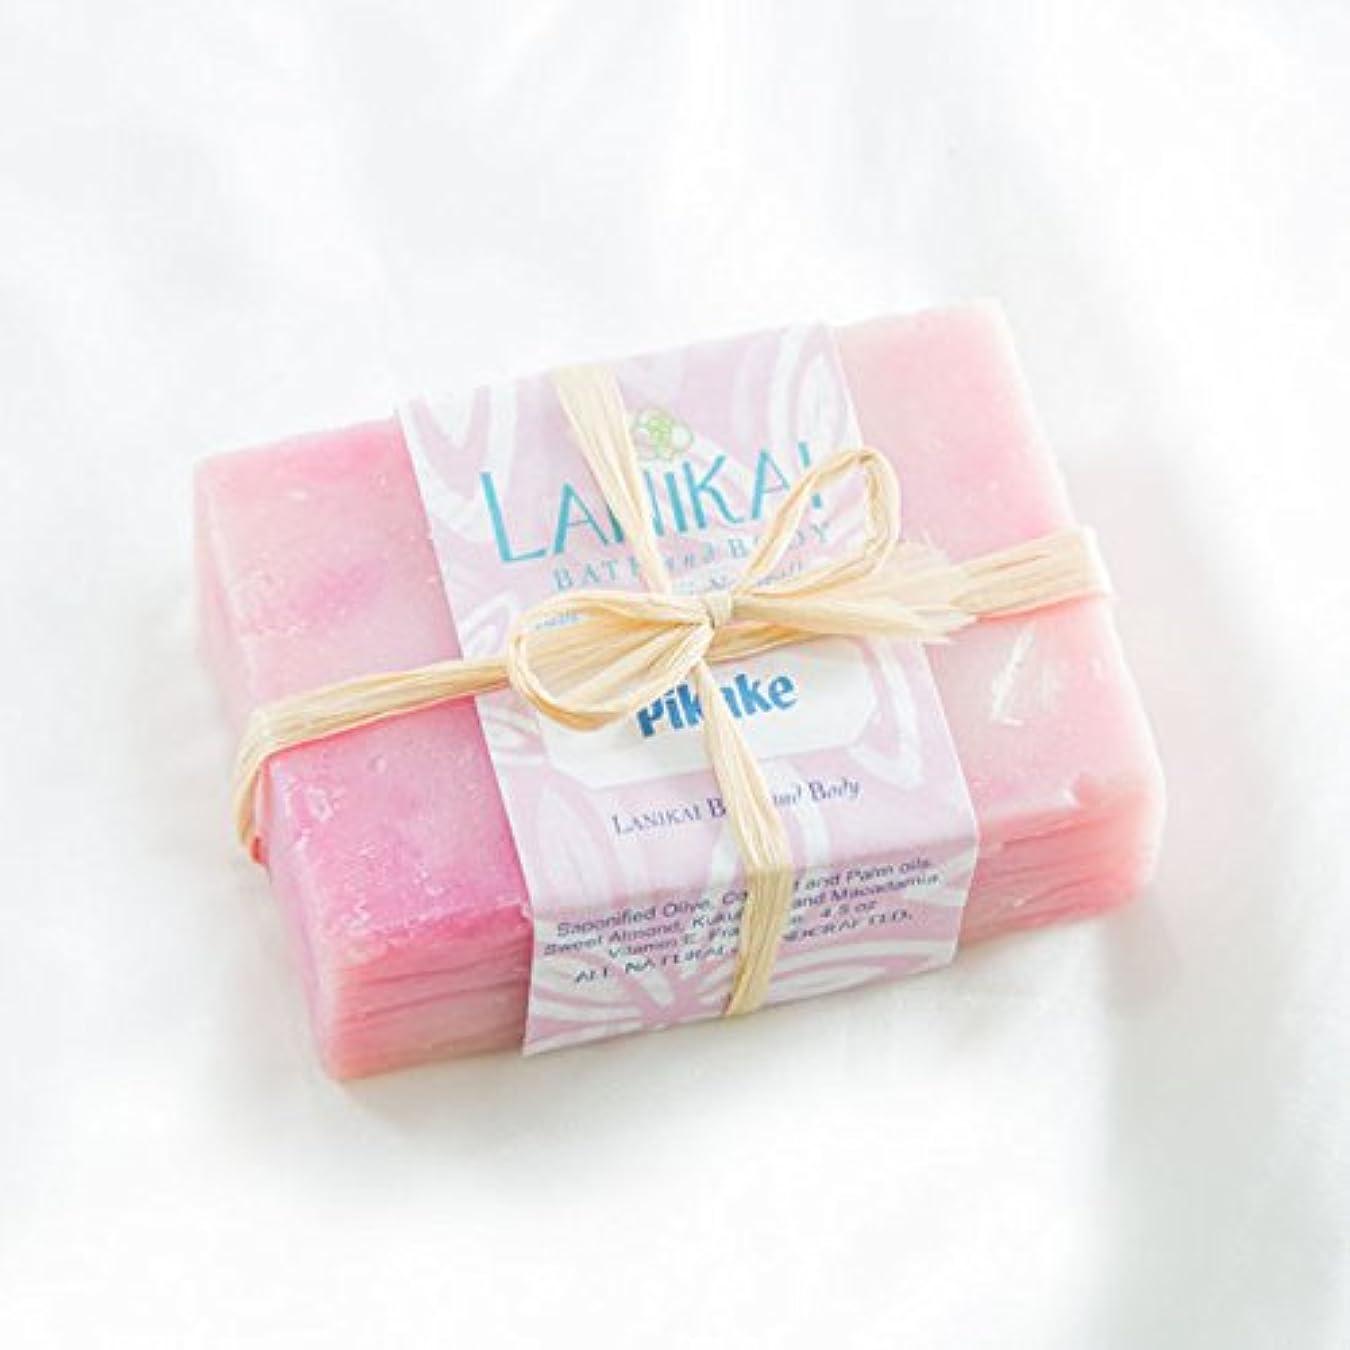 つま先フリル年LANIKAI Handmade Hawaiian Soap Pikake ハンドメイド ハワイアンソープ ピカケ